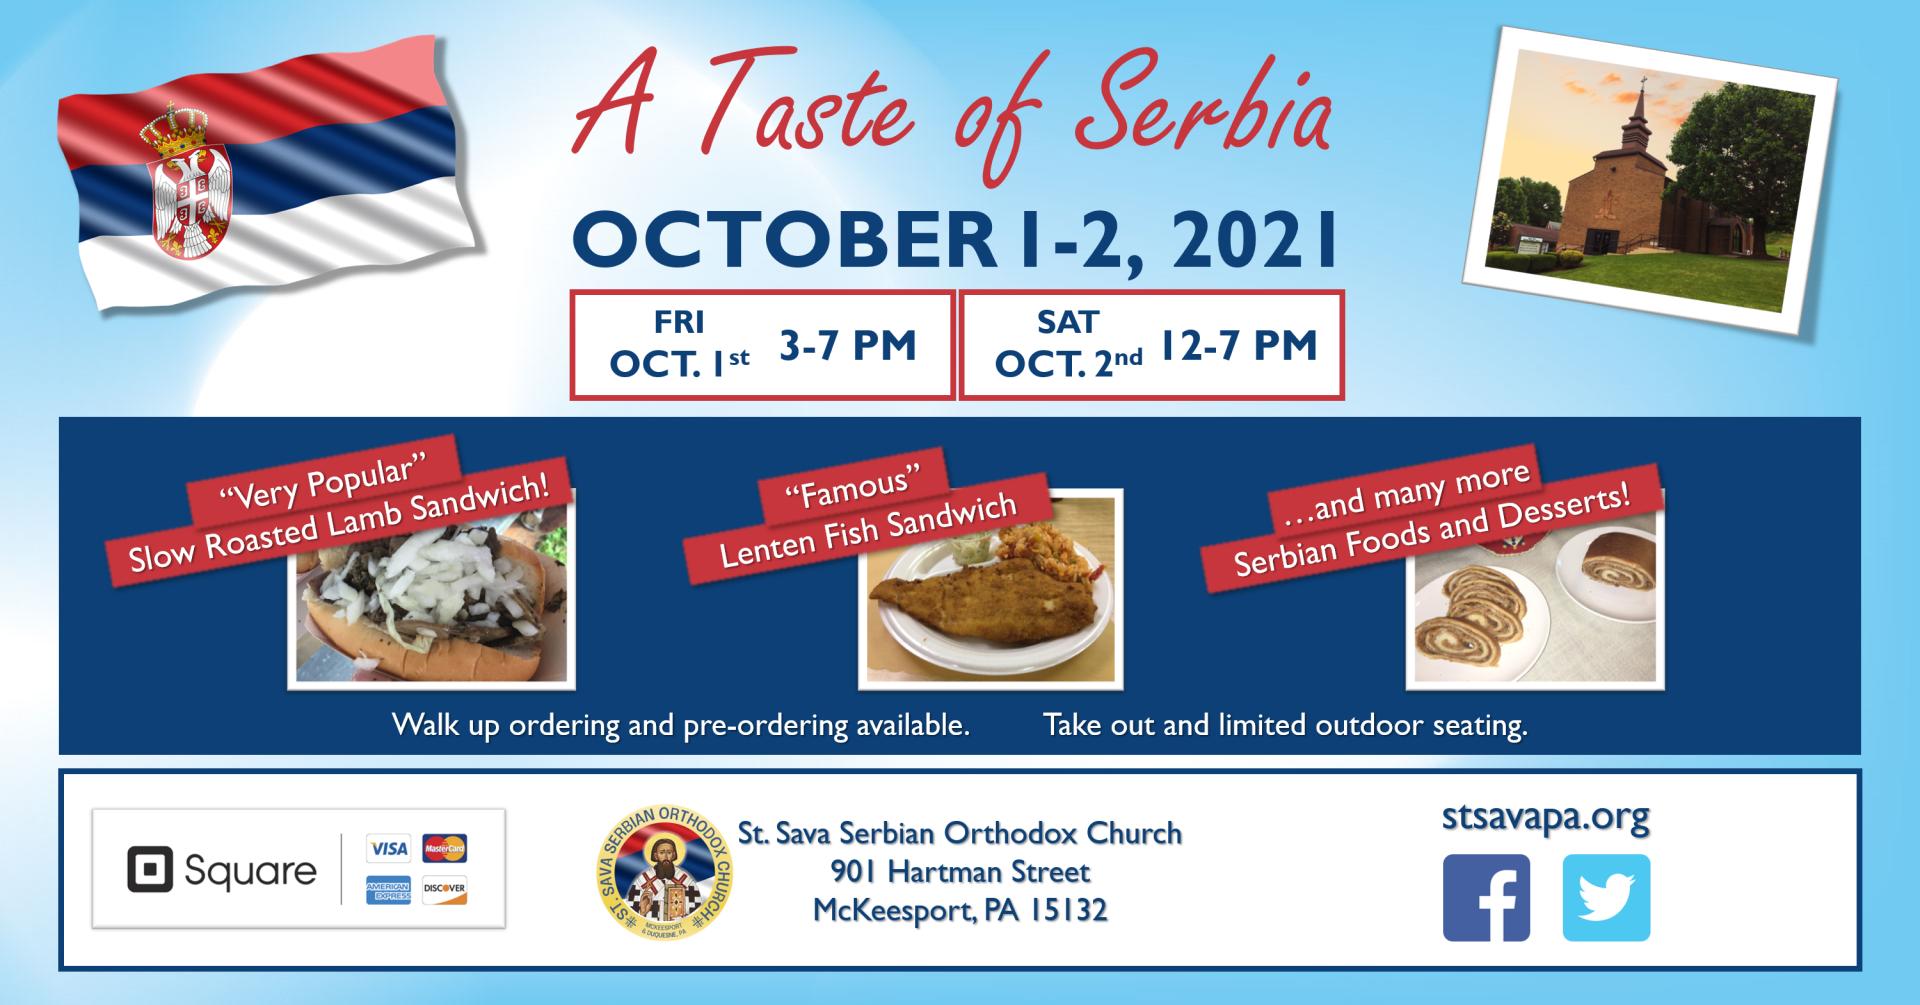 A Taste of Serbia - St. Sava Serbian Orthodox Church - Food Festival